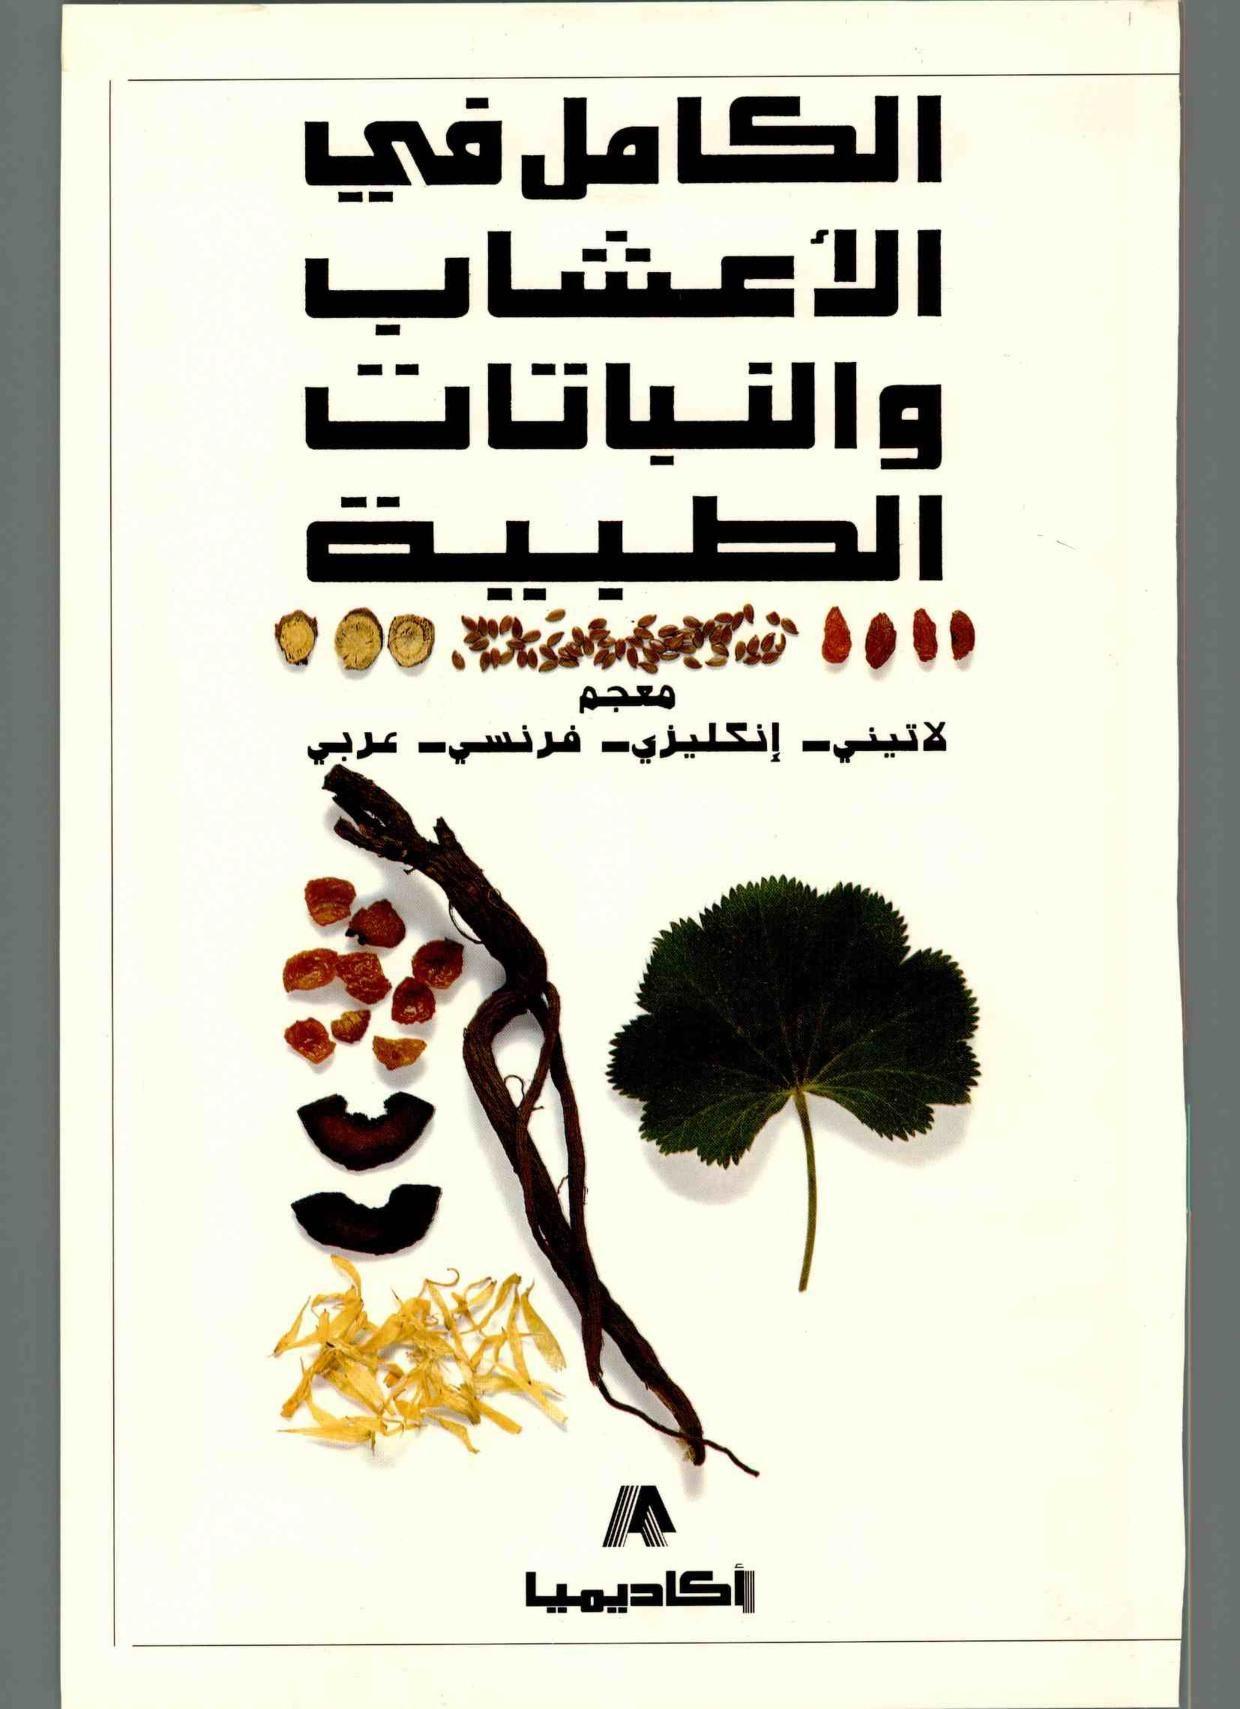 إسطوانات وكتب الاعشاب المصورة أبو عبد الرحمن Pdf Books Reading Book Suggestions Book Qoutes